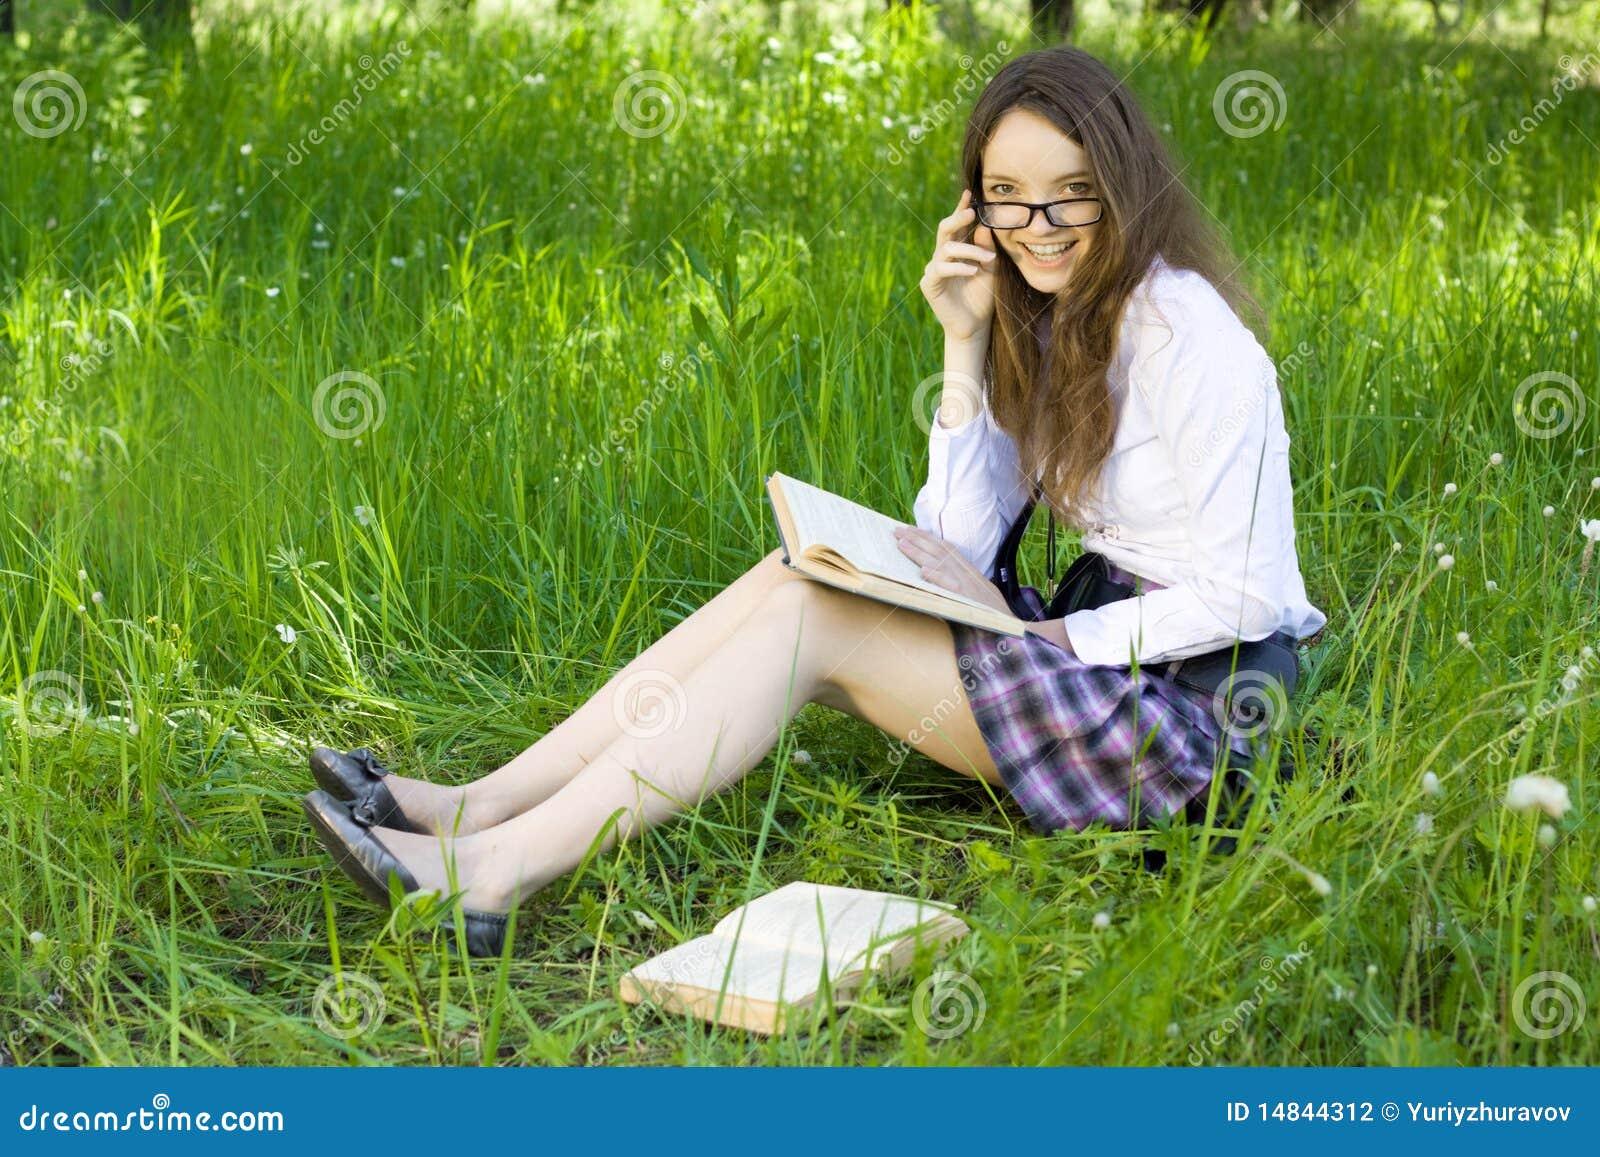 Stock Photography: Schoolgirl in park read book